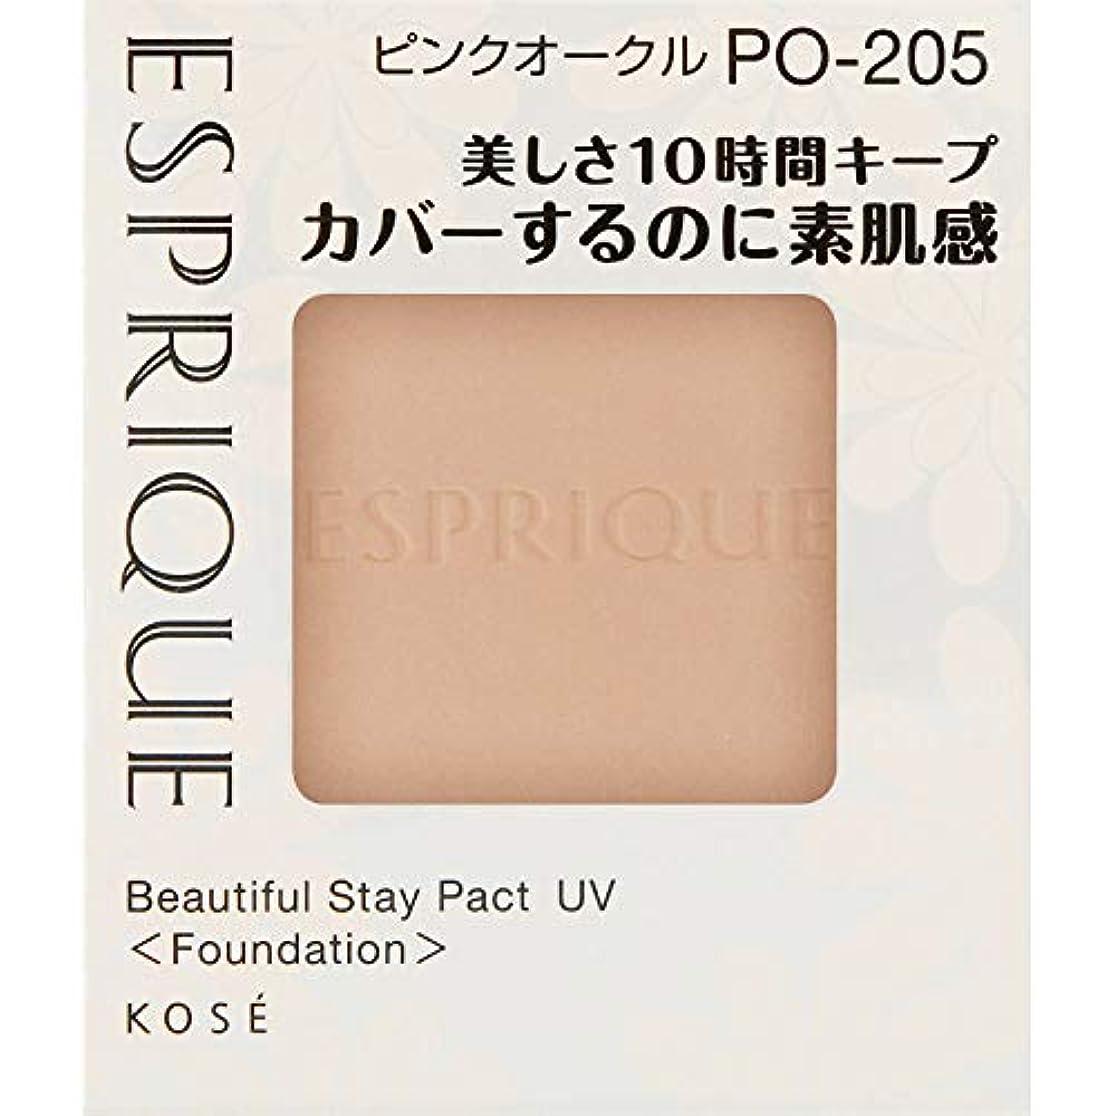 資本主義花弁アンペアエスプリーク カバーするのに素肌感持続 パクト UV PO-205 ピンクオークル 9.3g